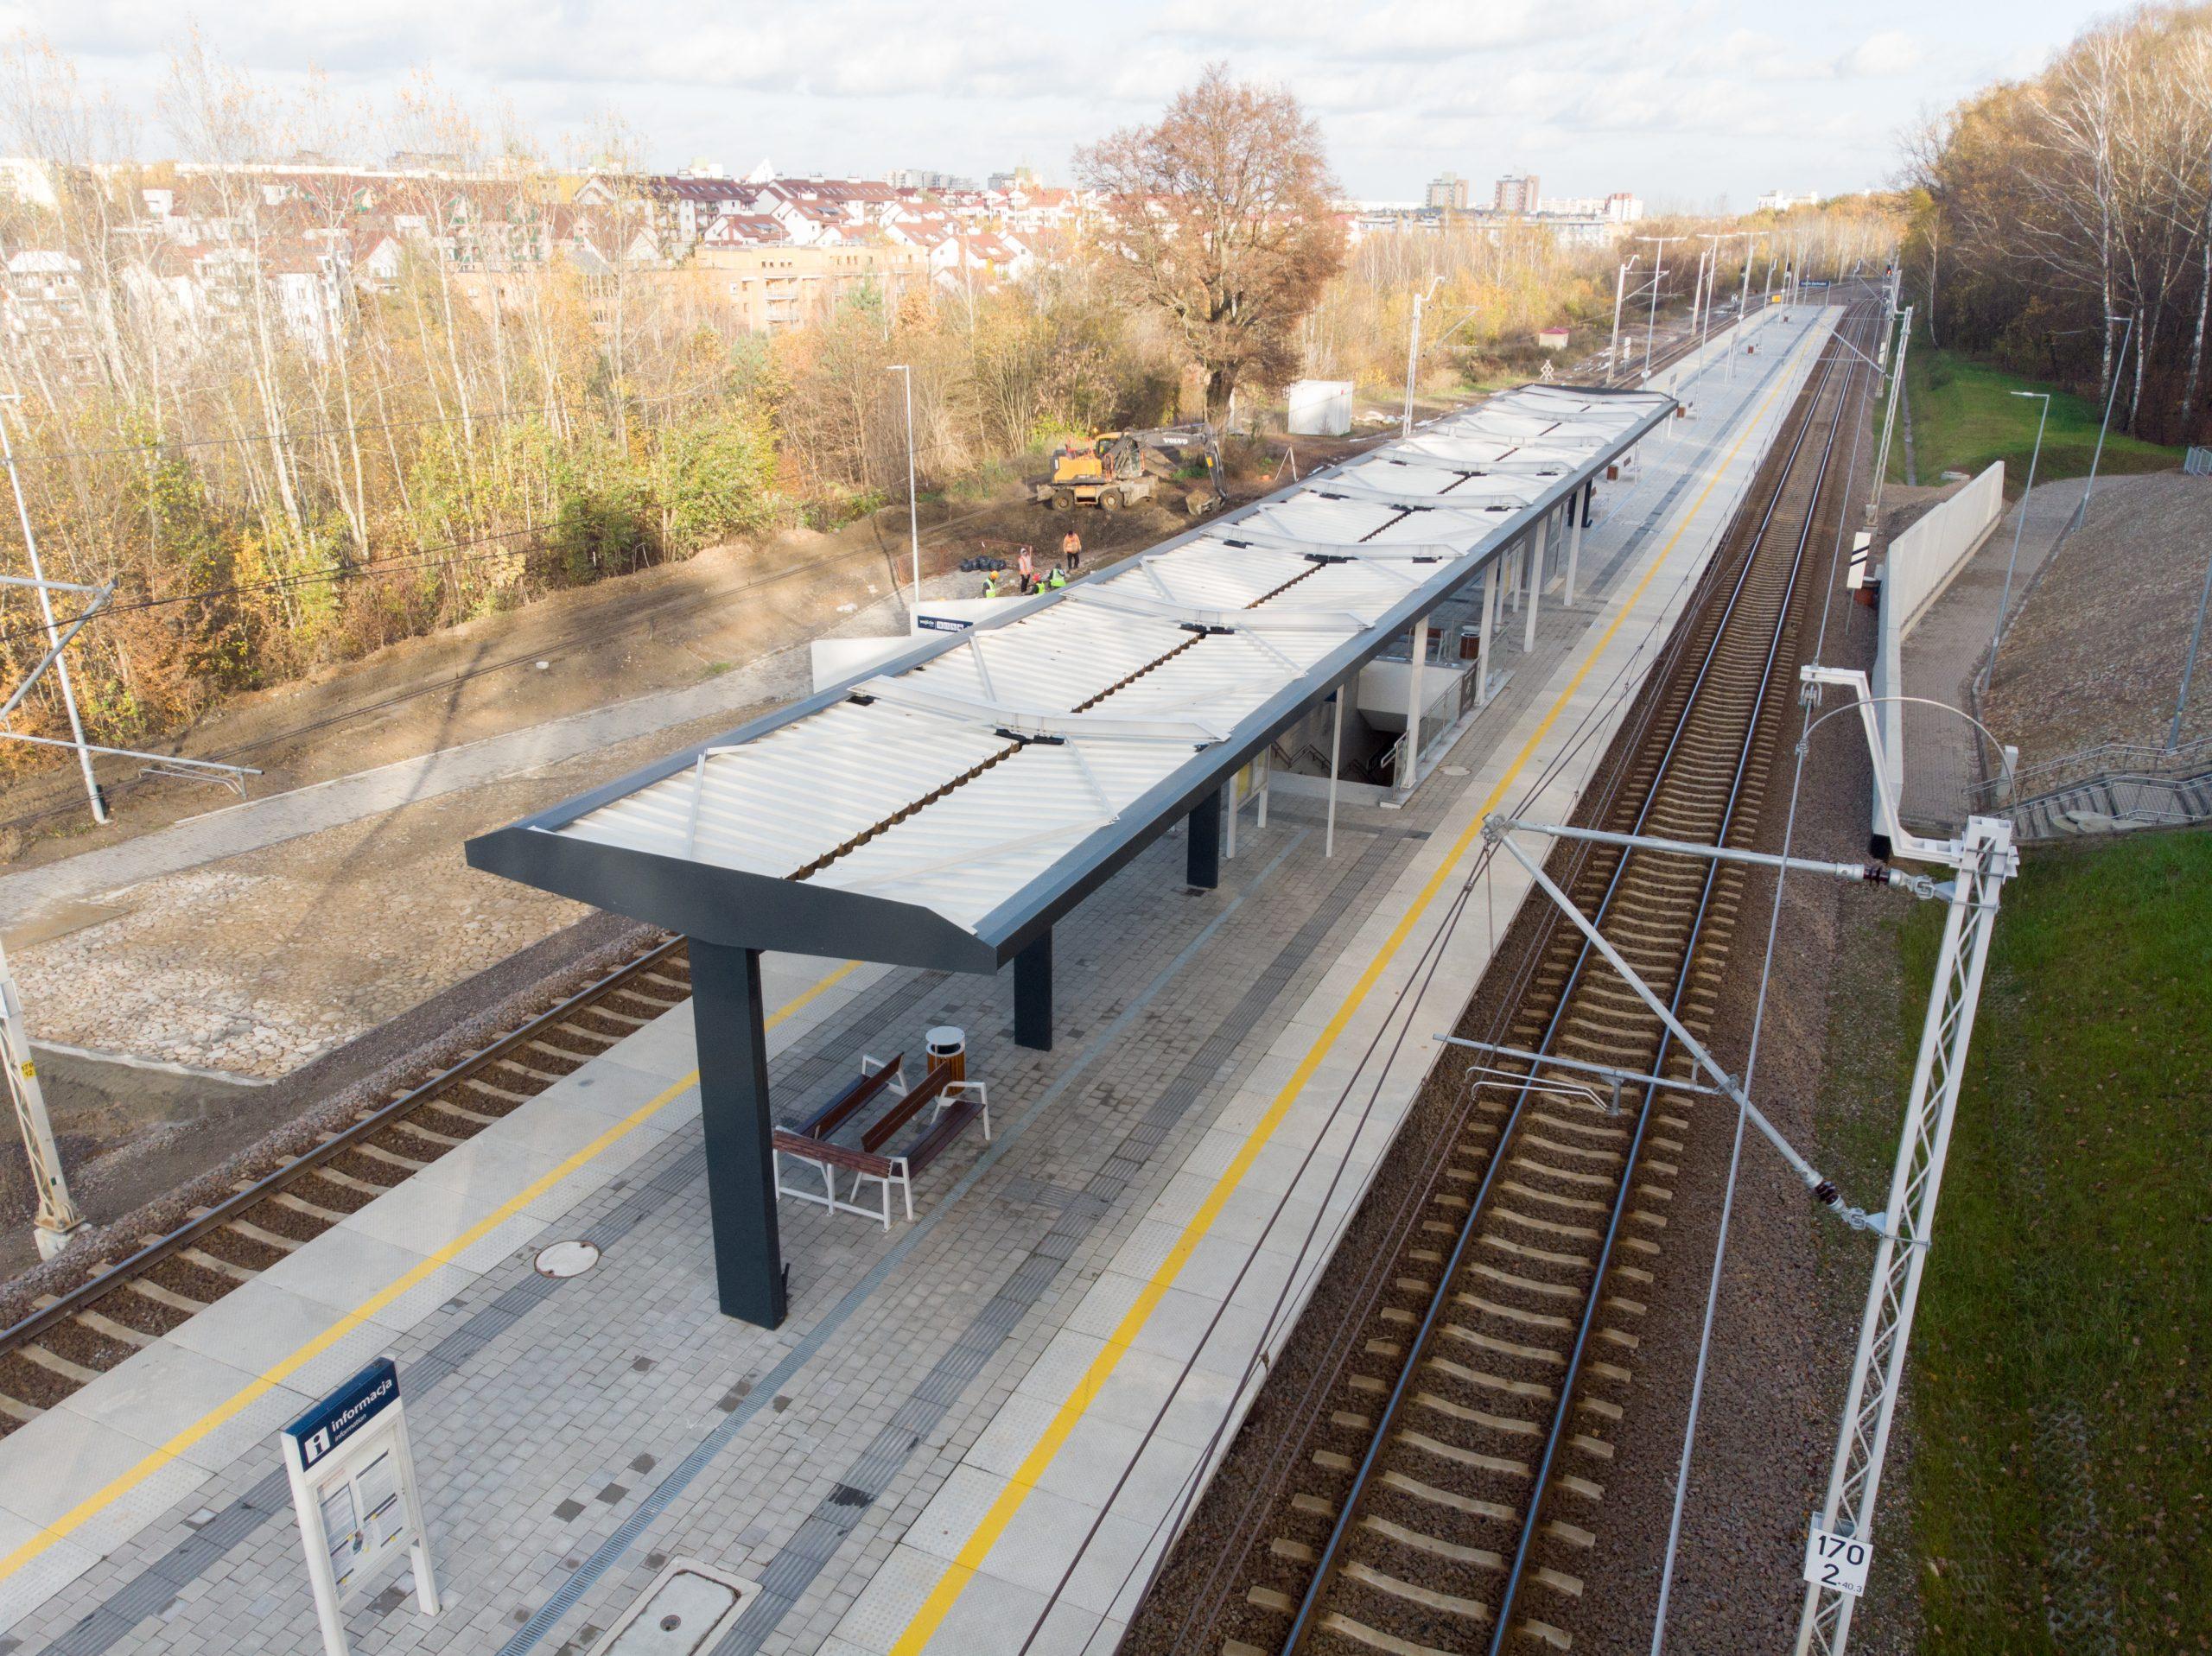 Sesja zdjęciowa pokazuje prace wykończeniowe na przystanku Lublin Zachodni